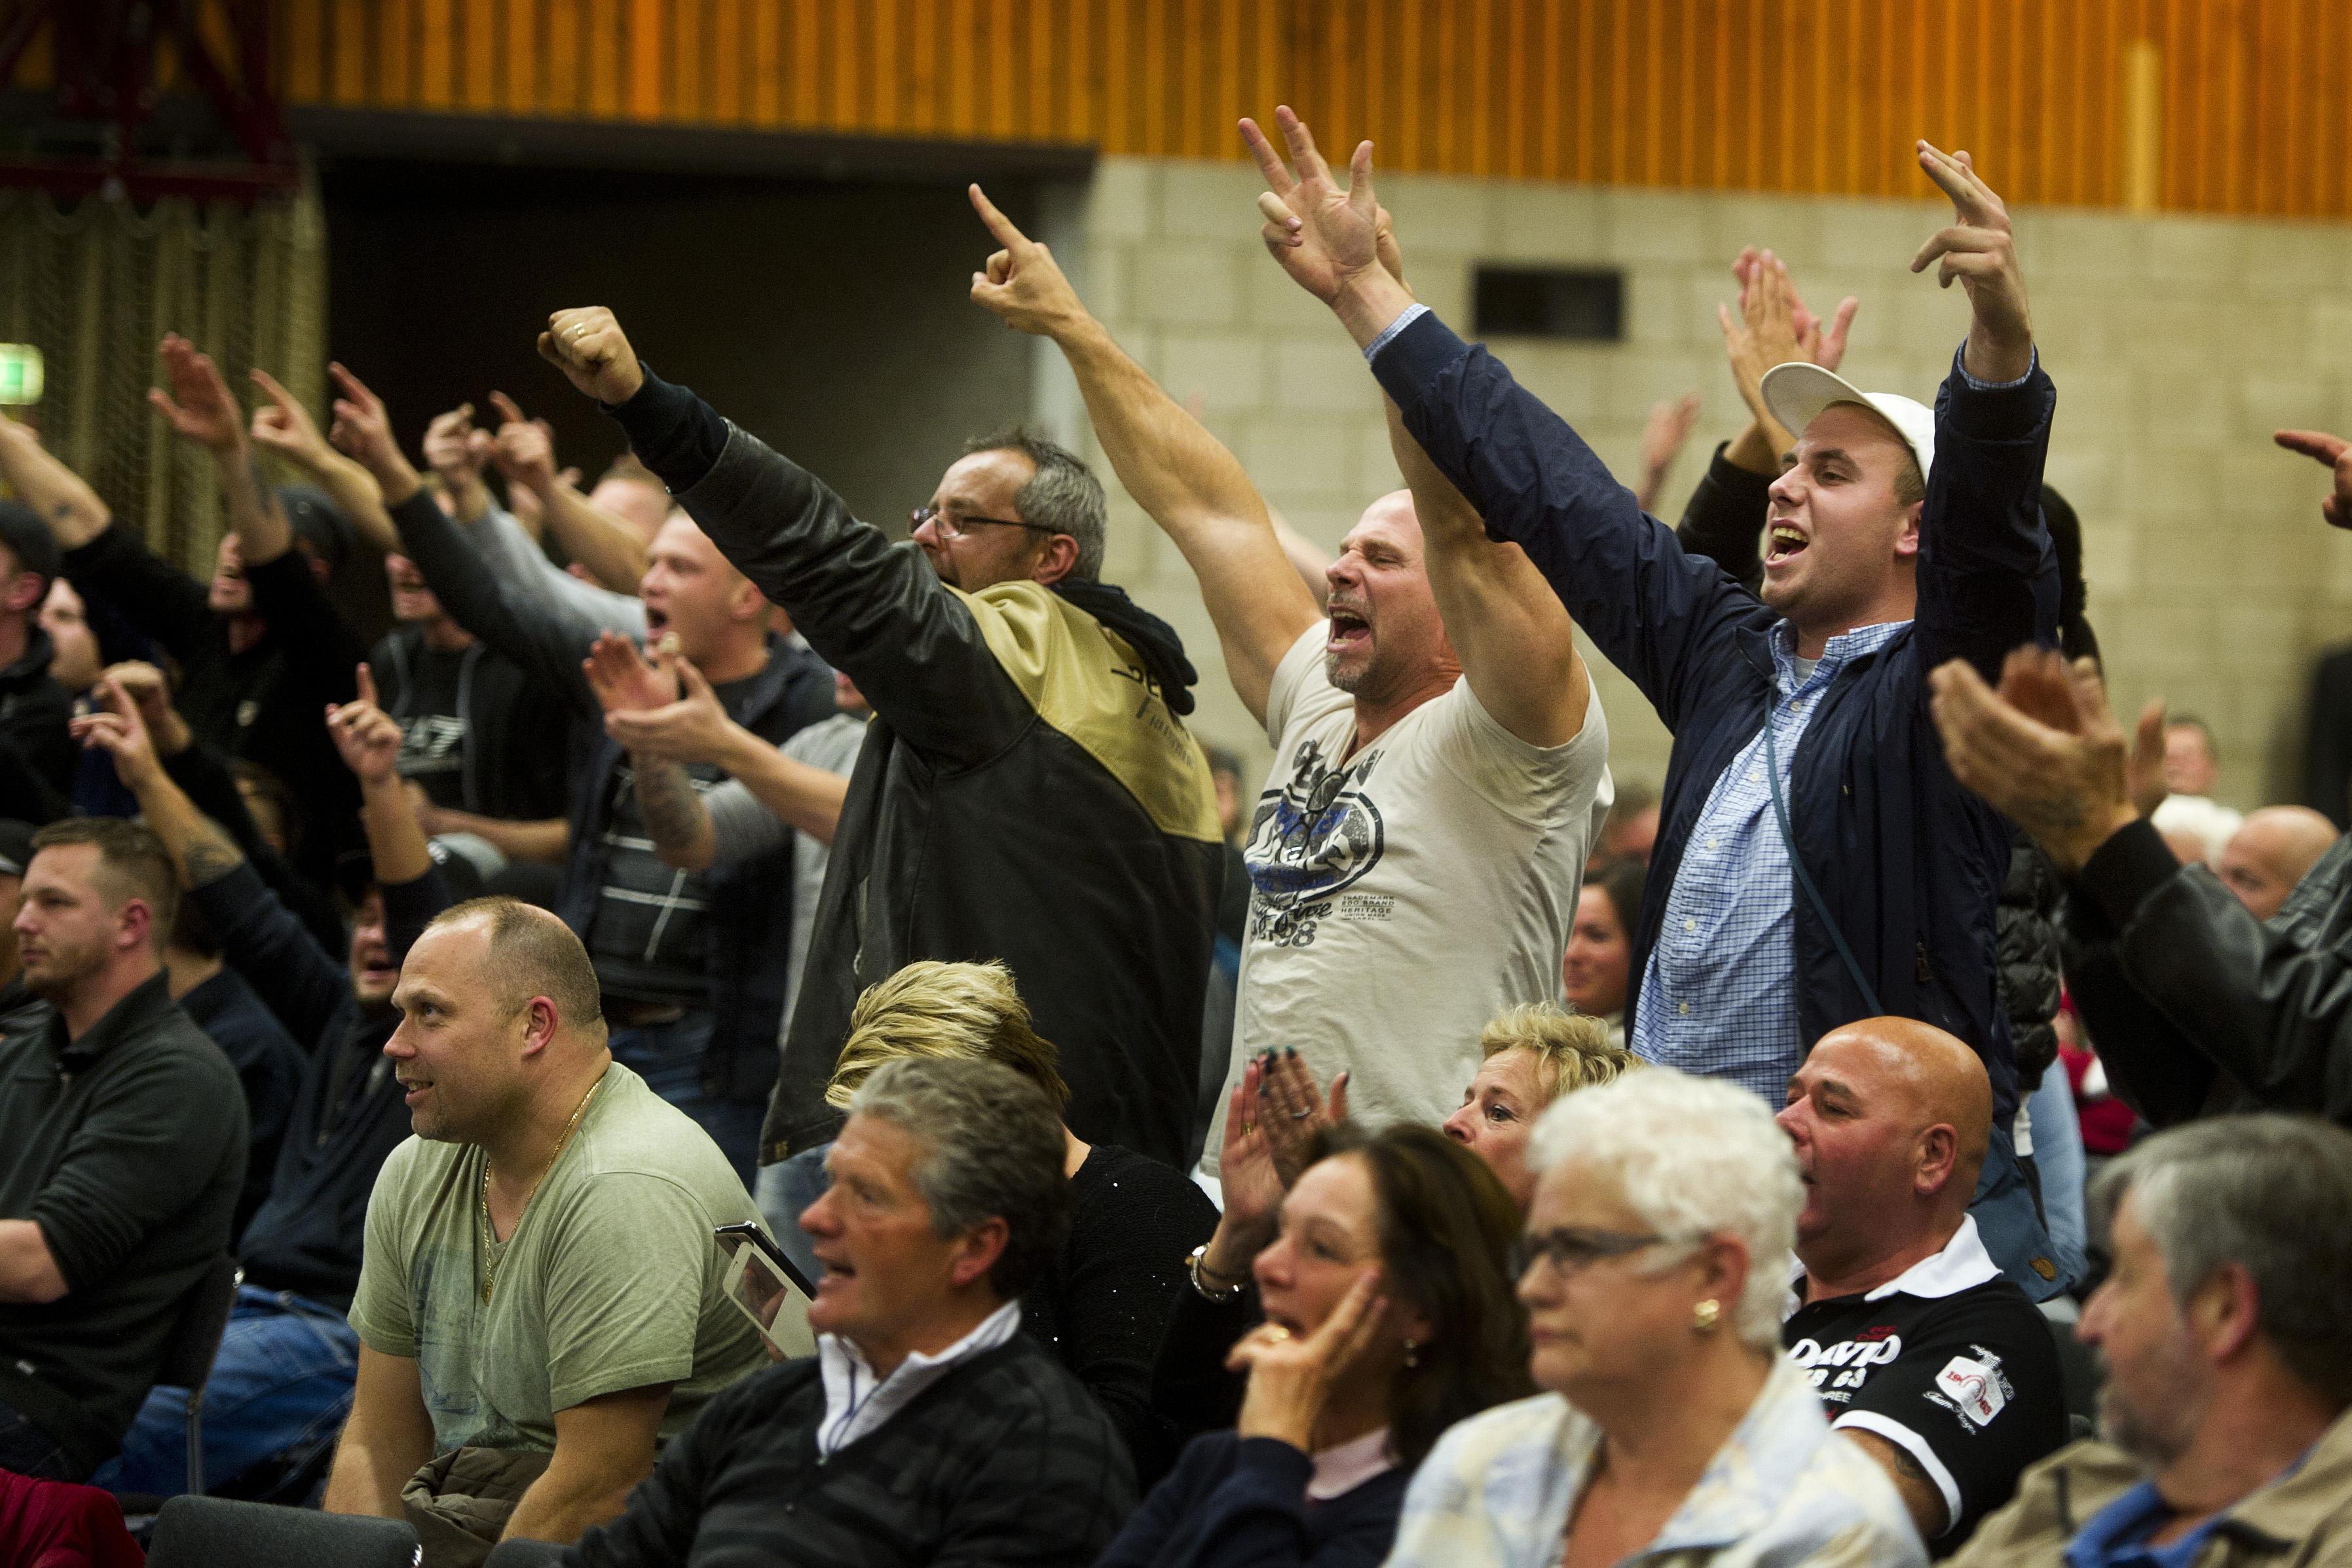 Gemeenteraadsvergadering Steenbergen over vluchtelingenopvang